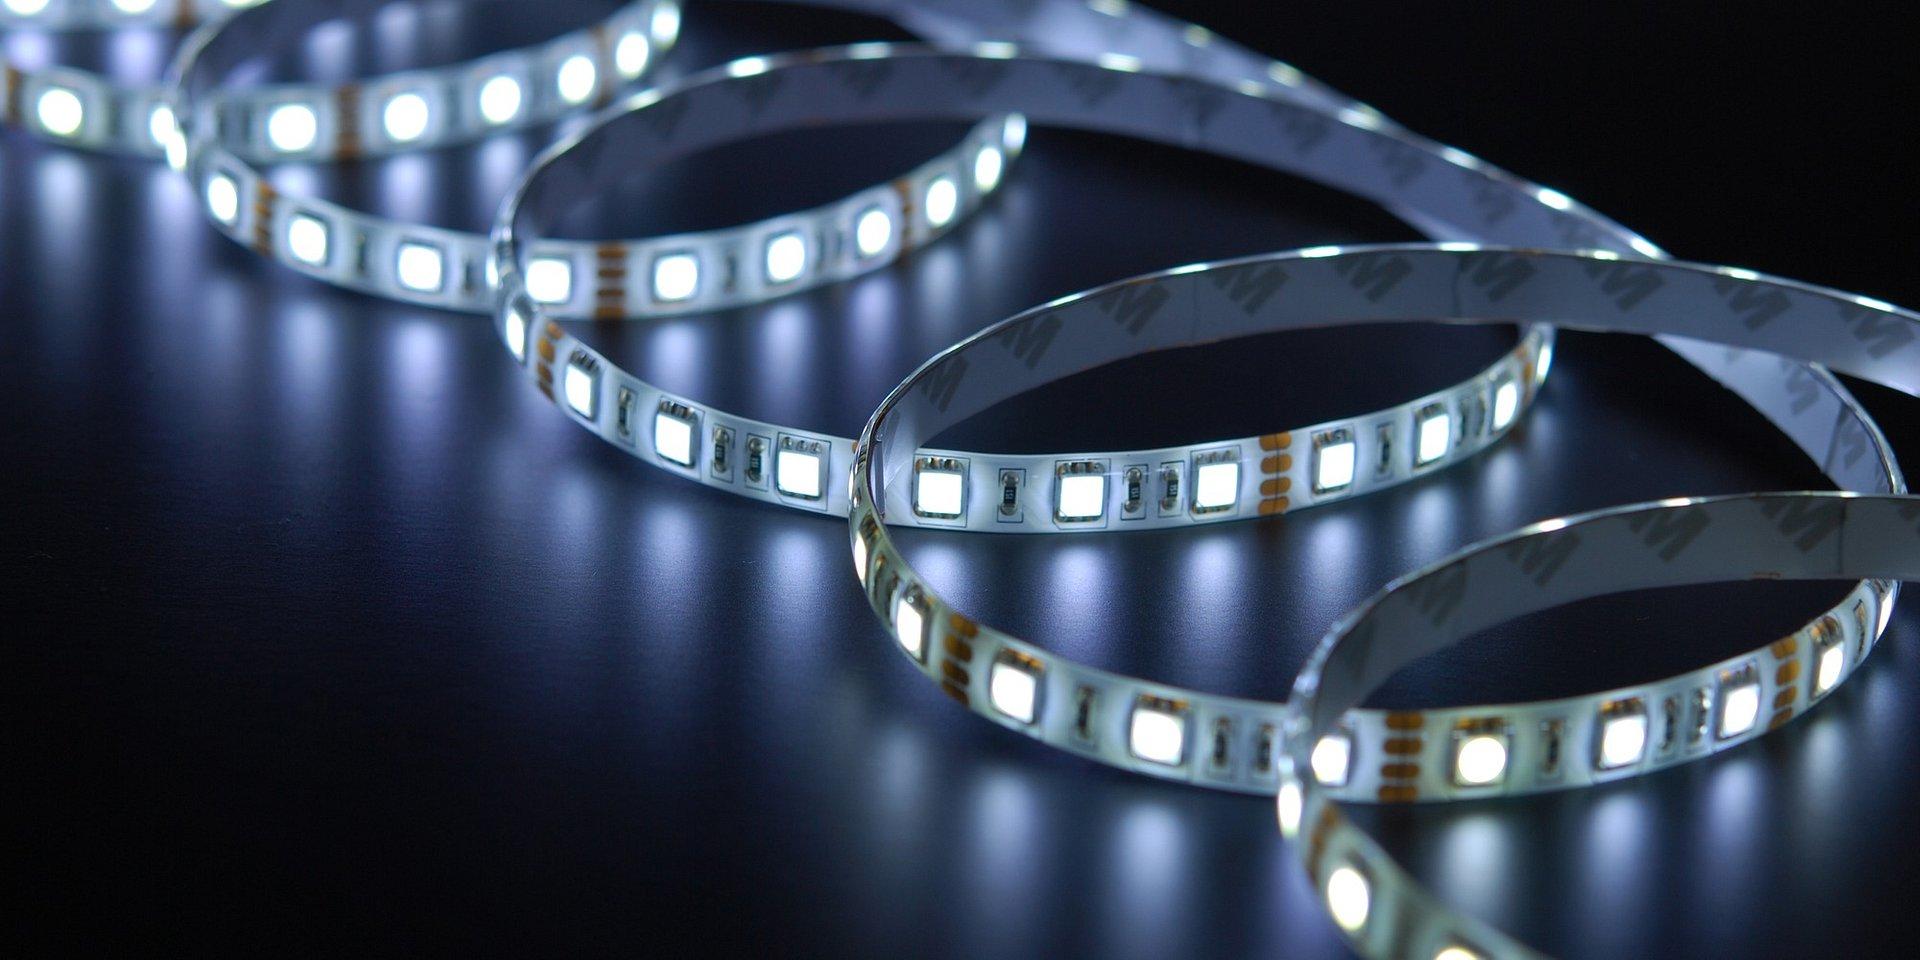 Fakty i mity na temat bezpieczeństwa zdrowotnego oświetlenia LED